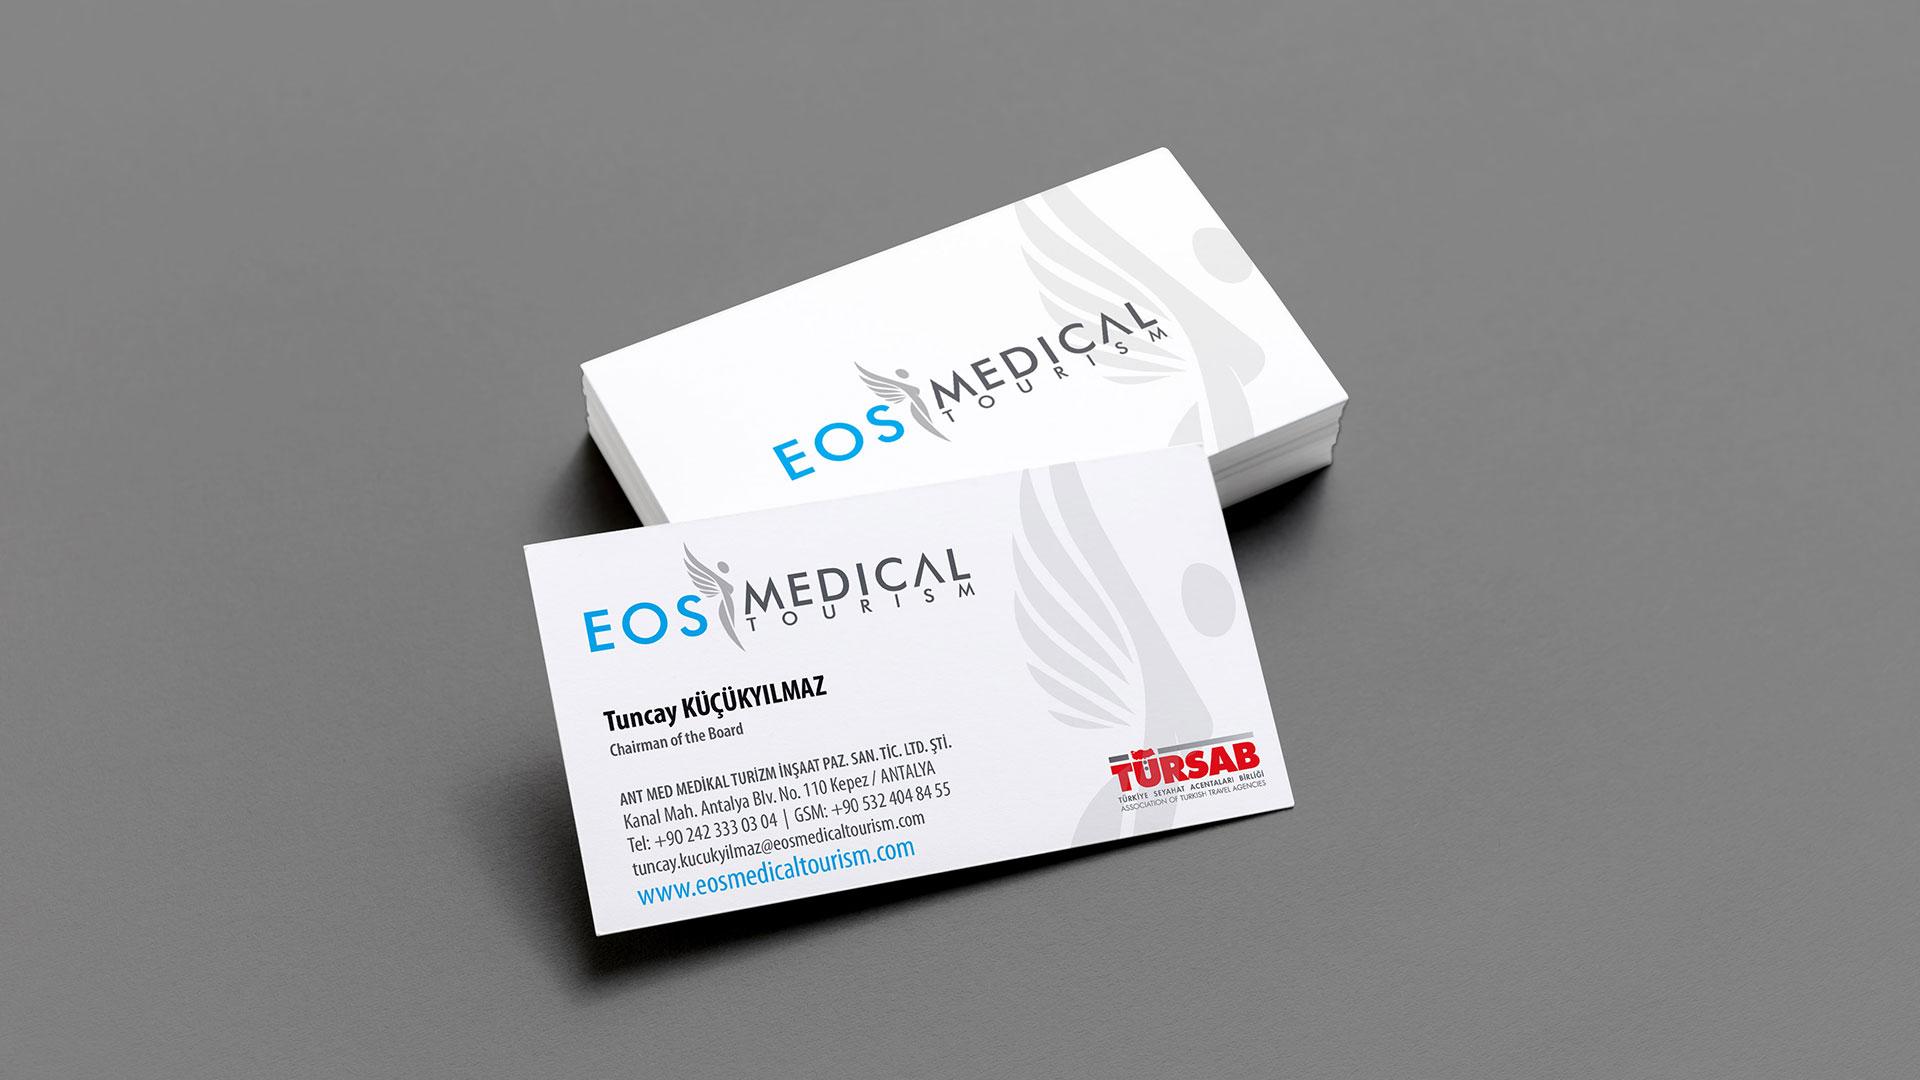 Eos Medical Toursim